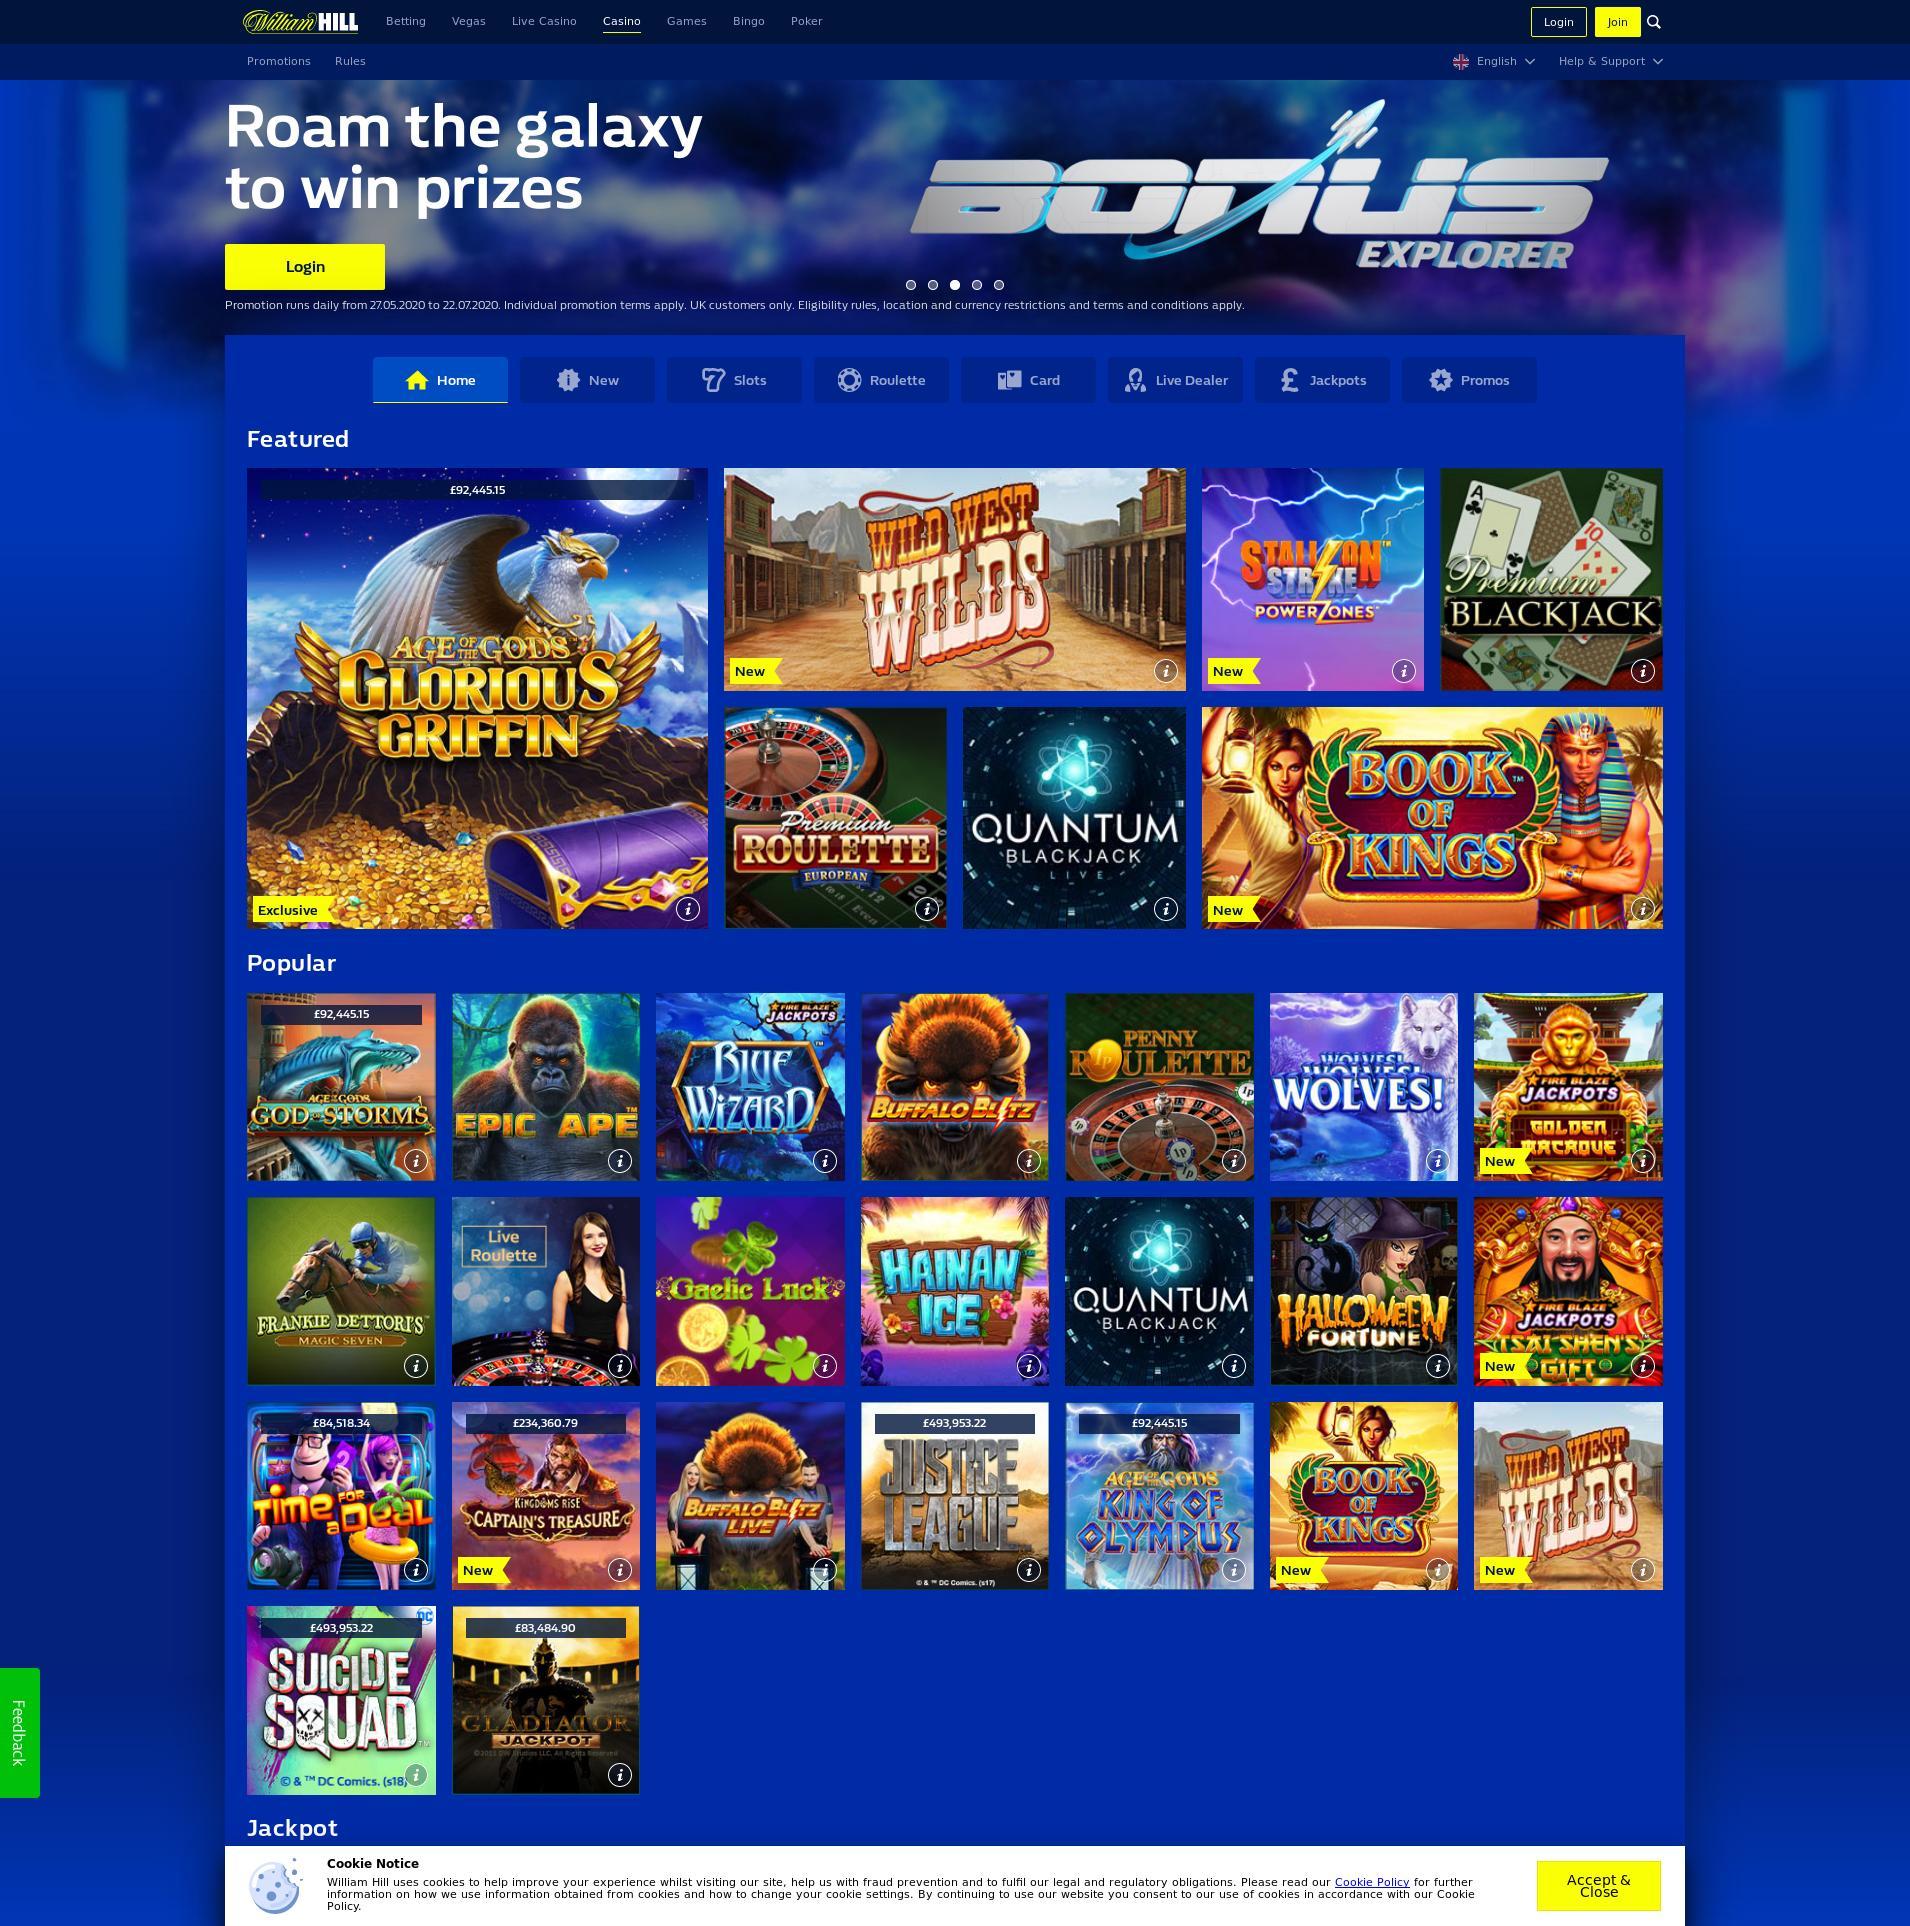 カジノのスクリーン Lobby 2020-05-28 ために イギリス